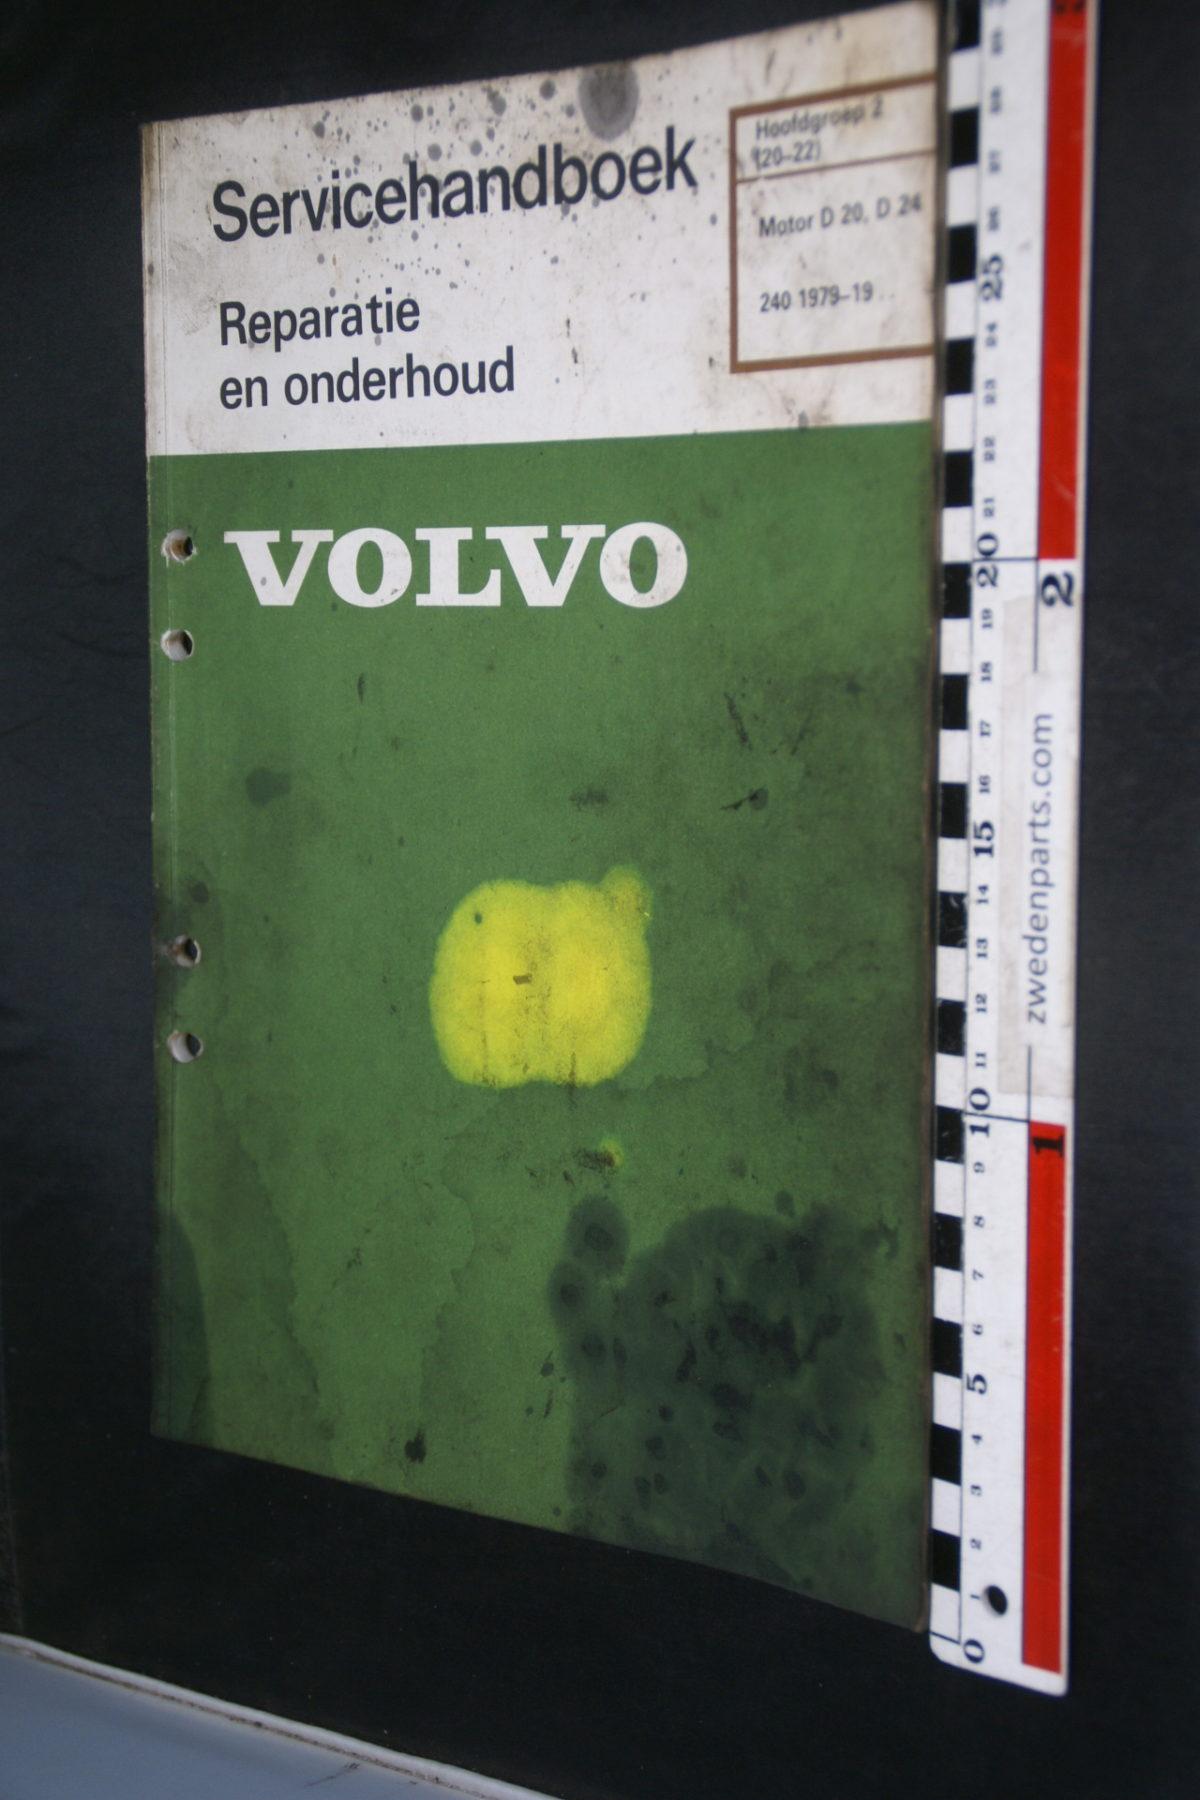 DSC08473 1982 origineel Volvo 240 servicehandboek  2 (20-22) motor D20, D24 1 van 800 TP 30009-2